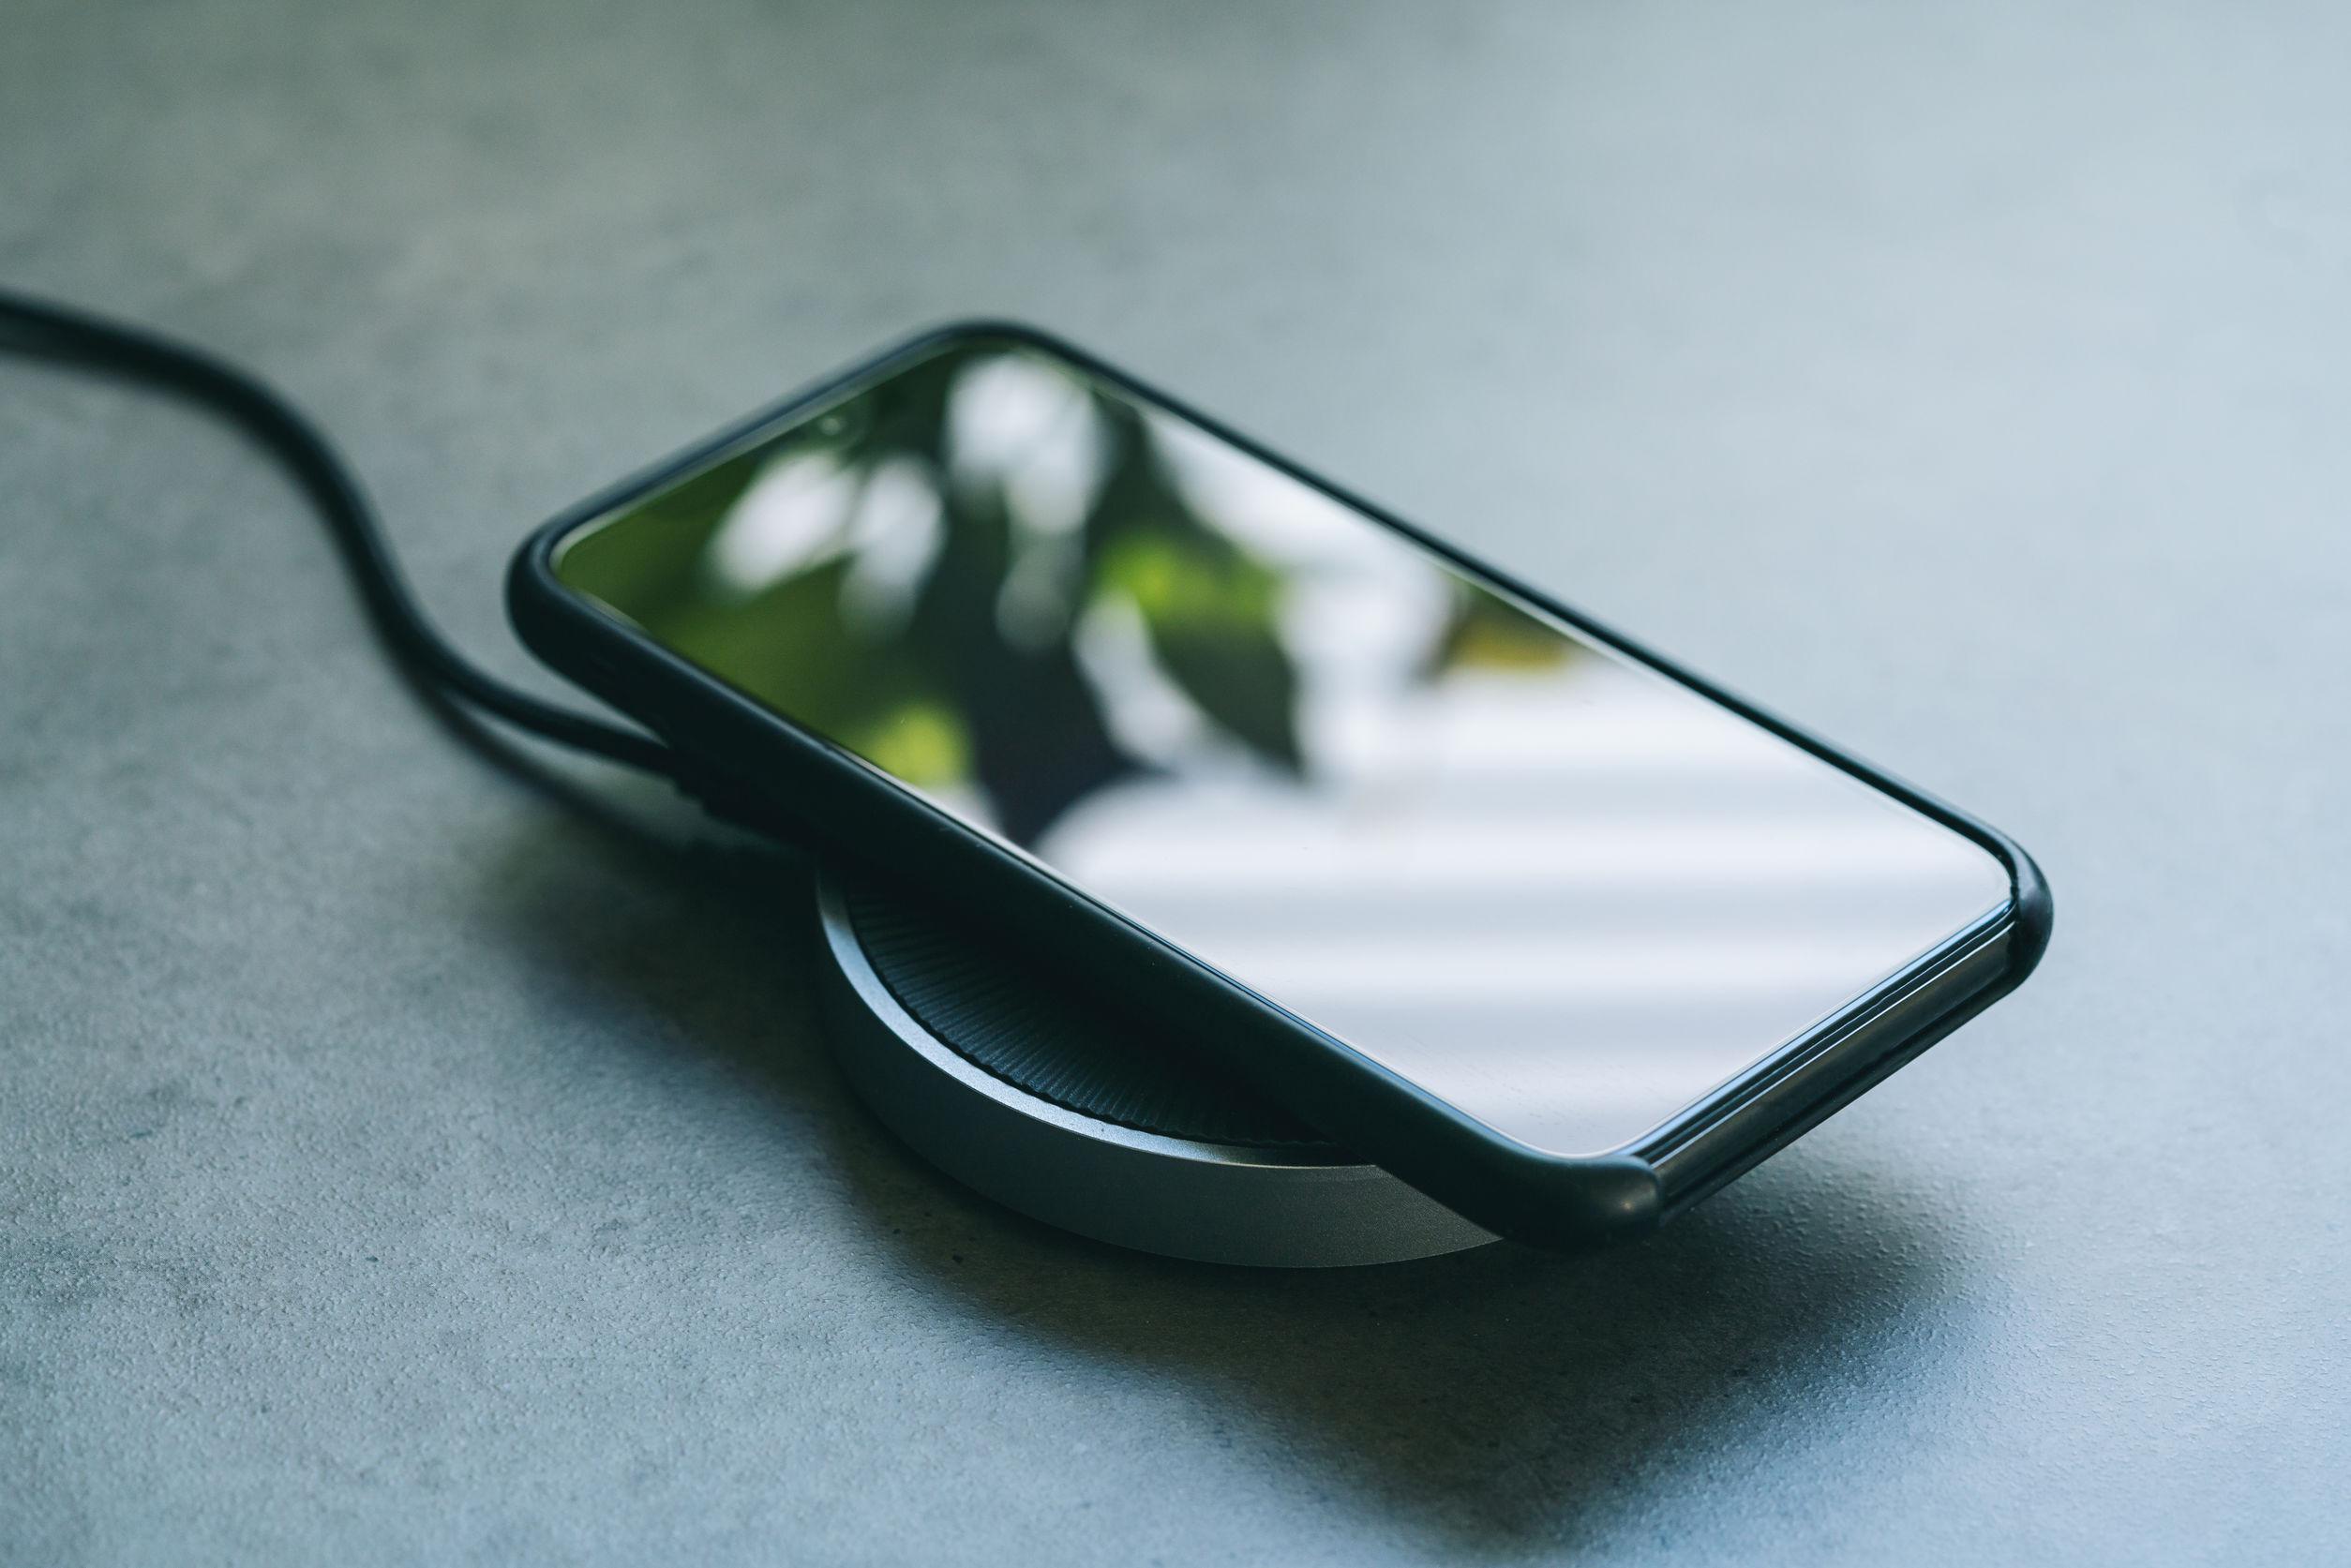 Foto de um celular preto e touch screen, sendo carregado em um carregador por indução.